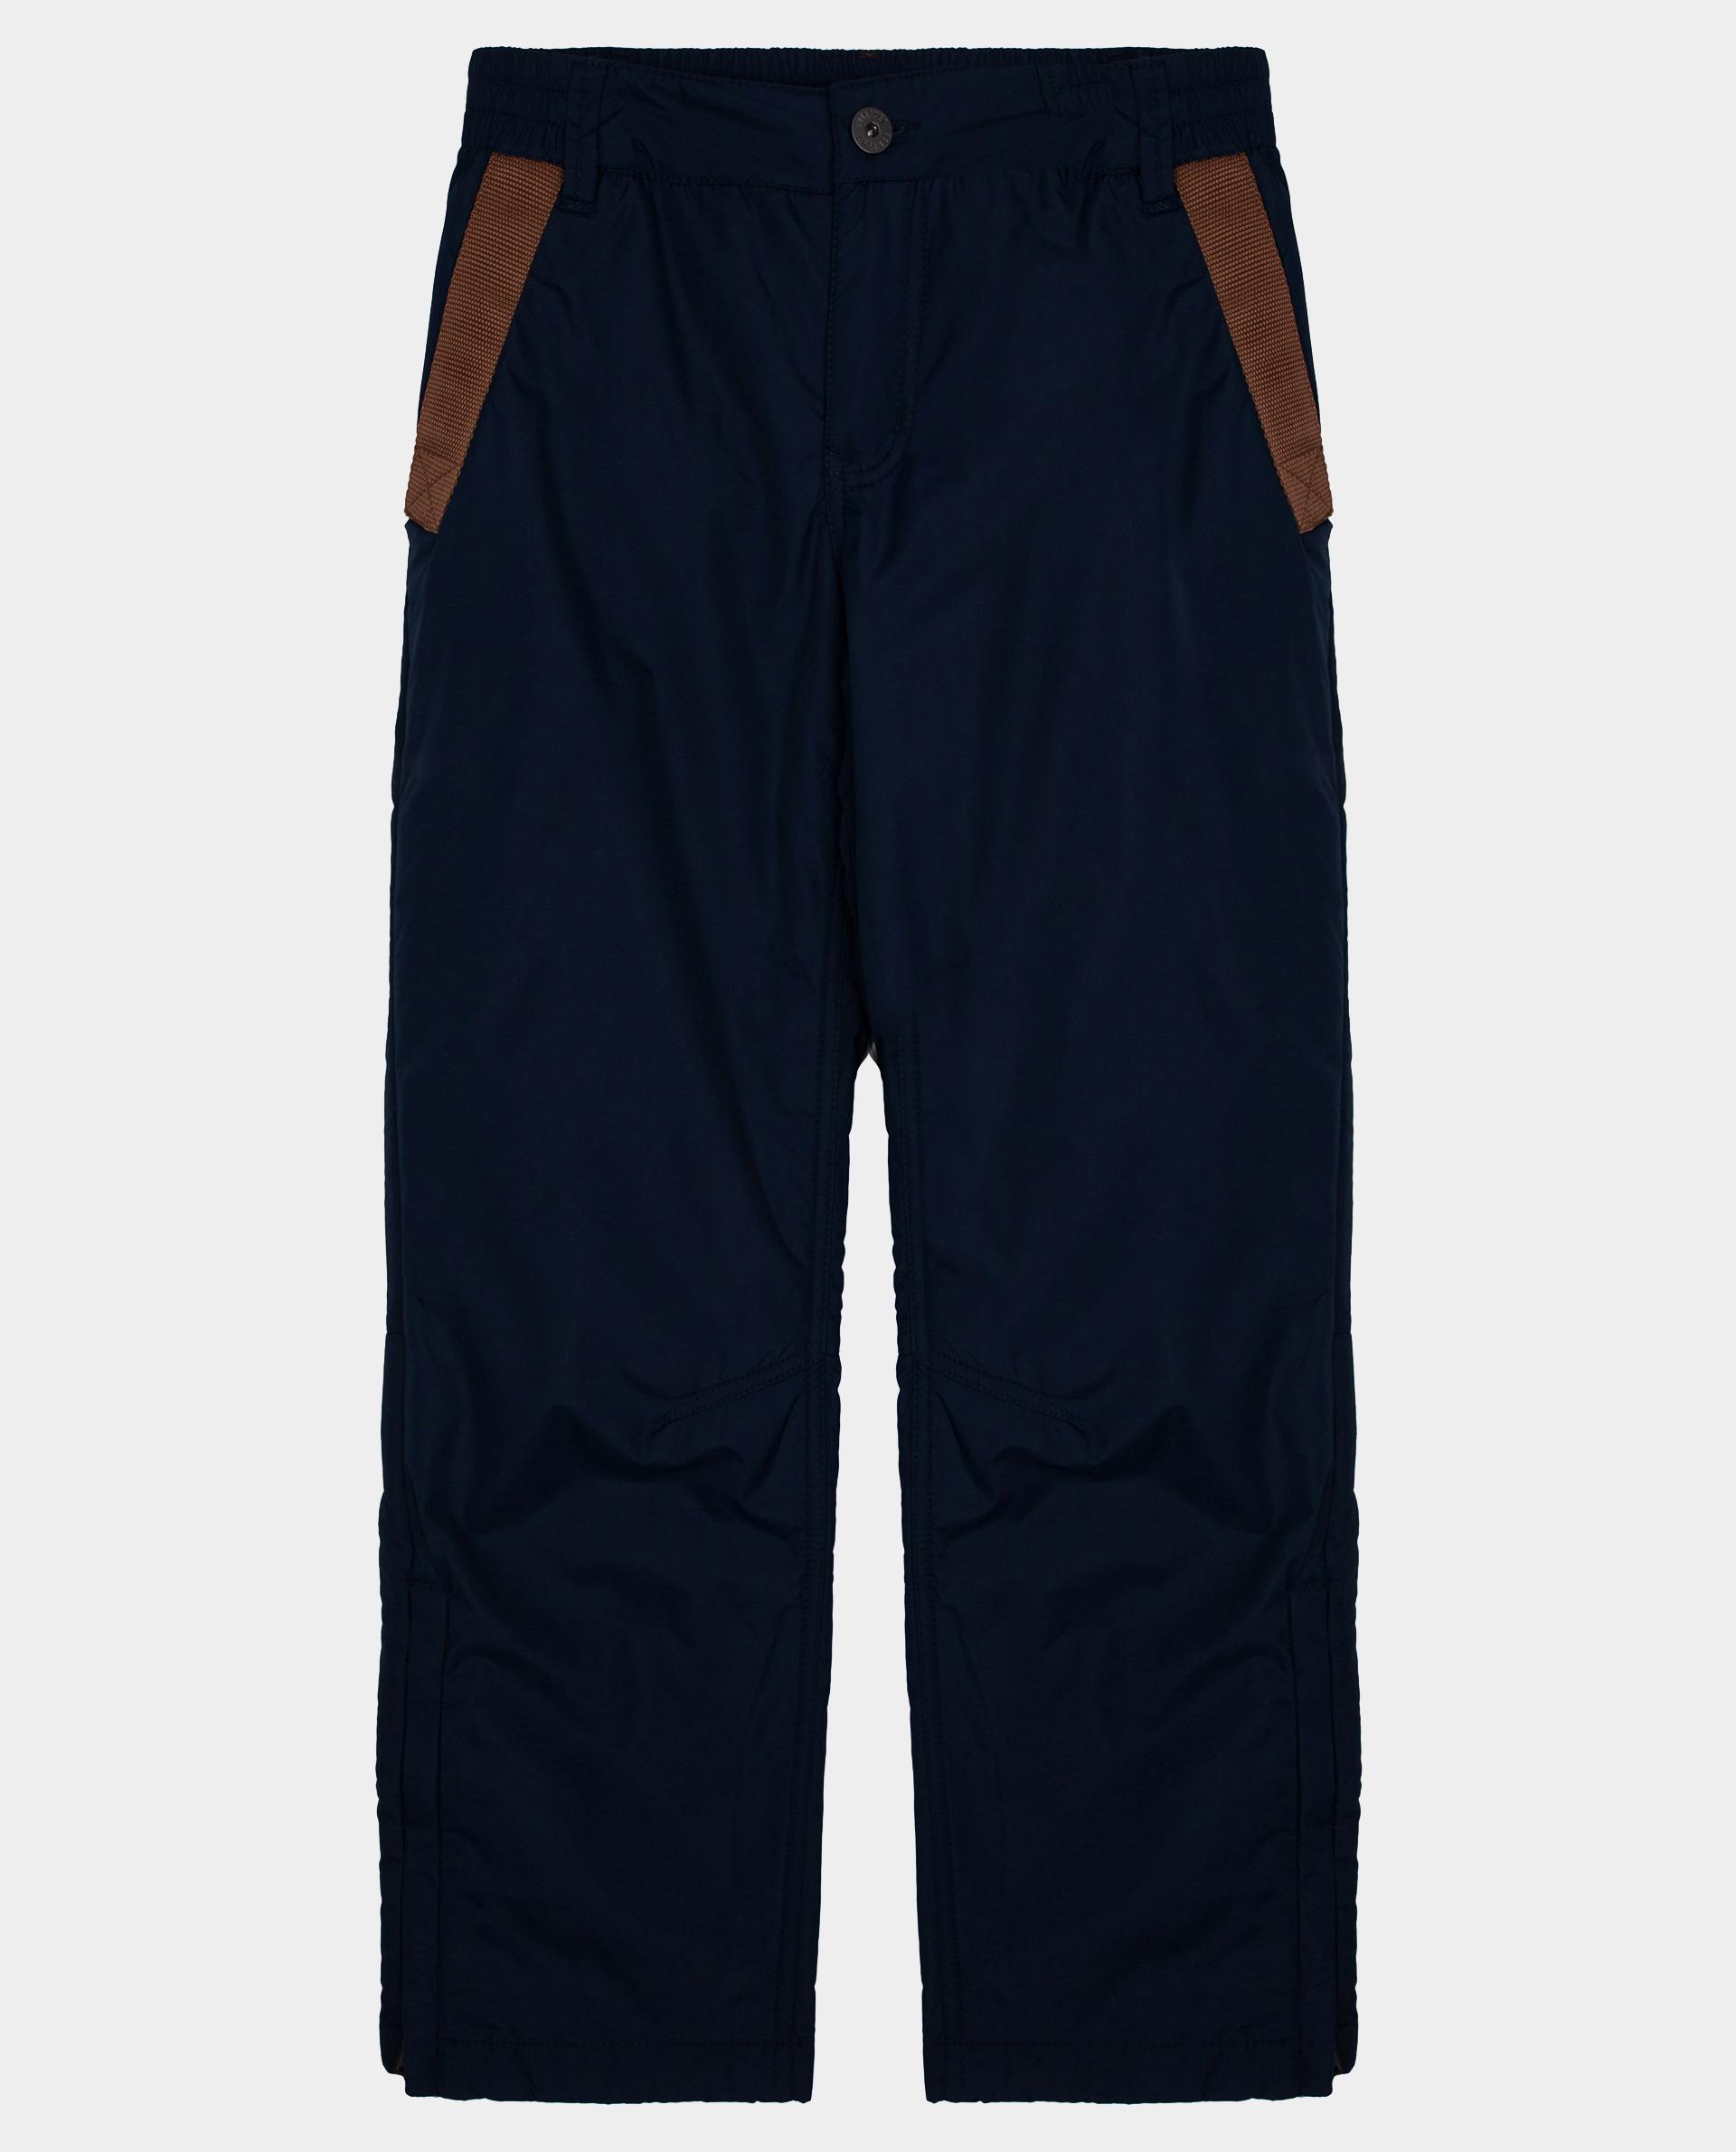 Купить 22010BJC6402, Синие брюки утепленные демисезонные Gulliver, синий, 140, Полиэстер, Мужской, Демисезон, ОСЕНЬ/ЗИМА 2020-2021 (shop: GulliverMarket Gulliver Market)